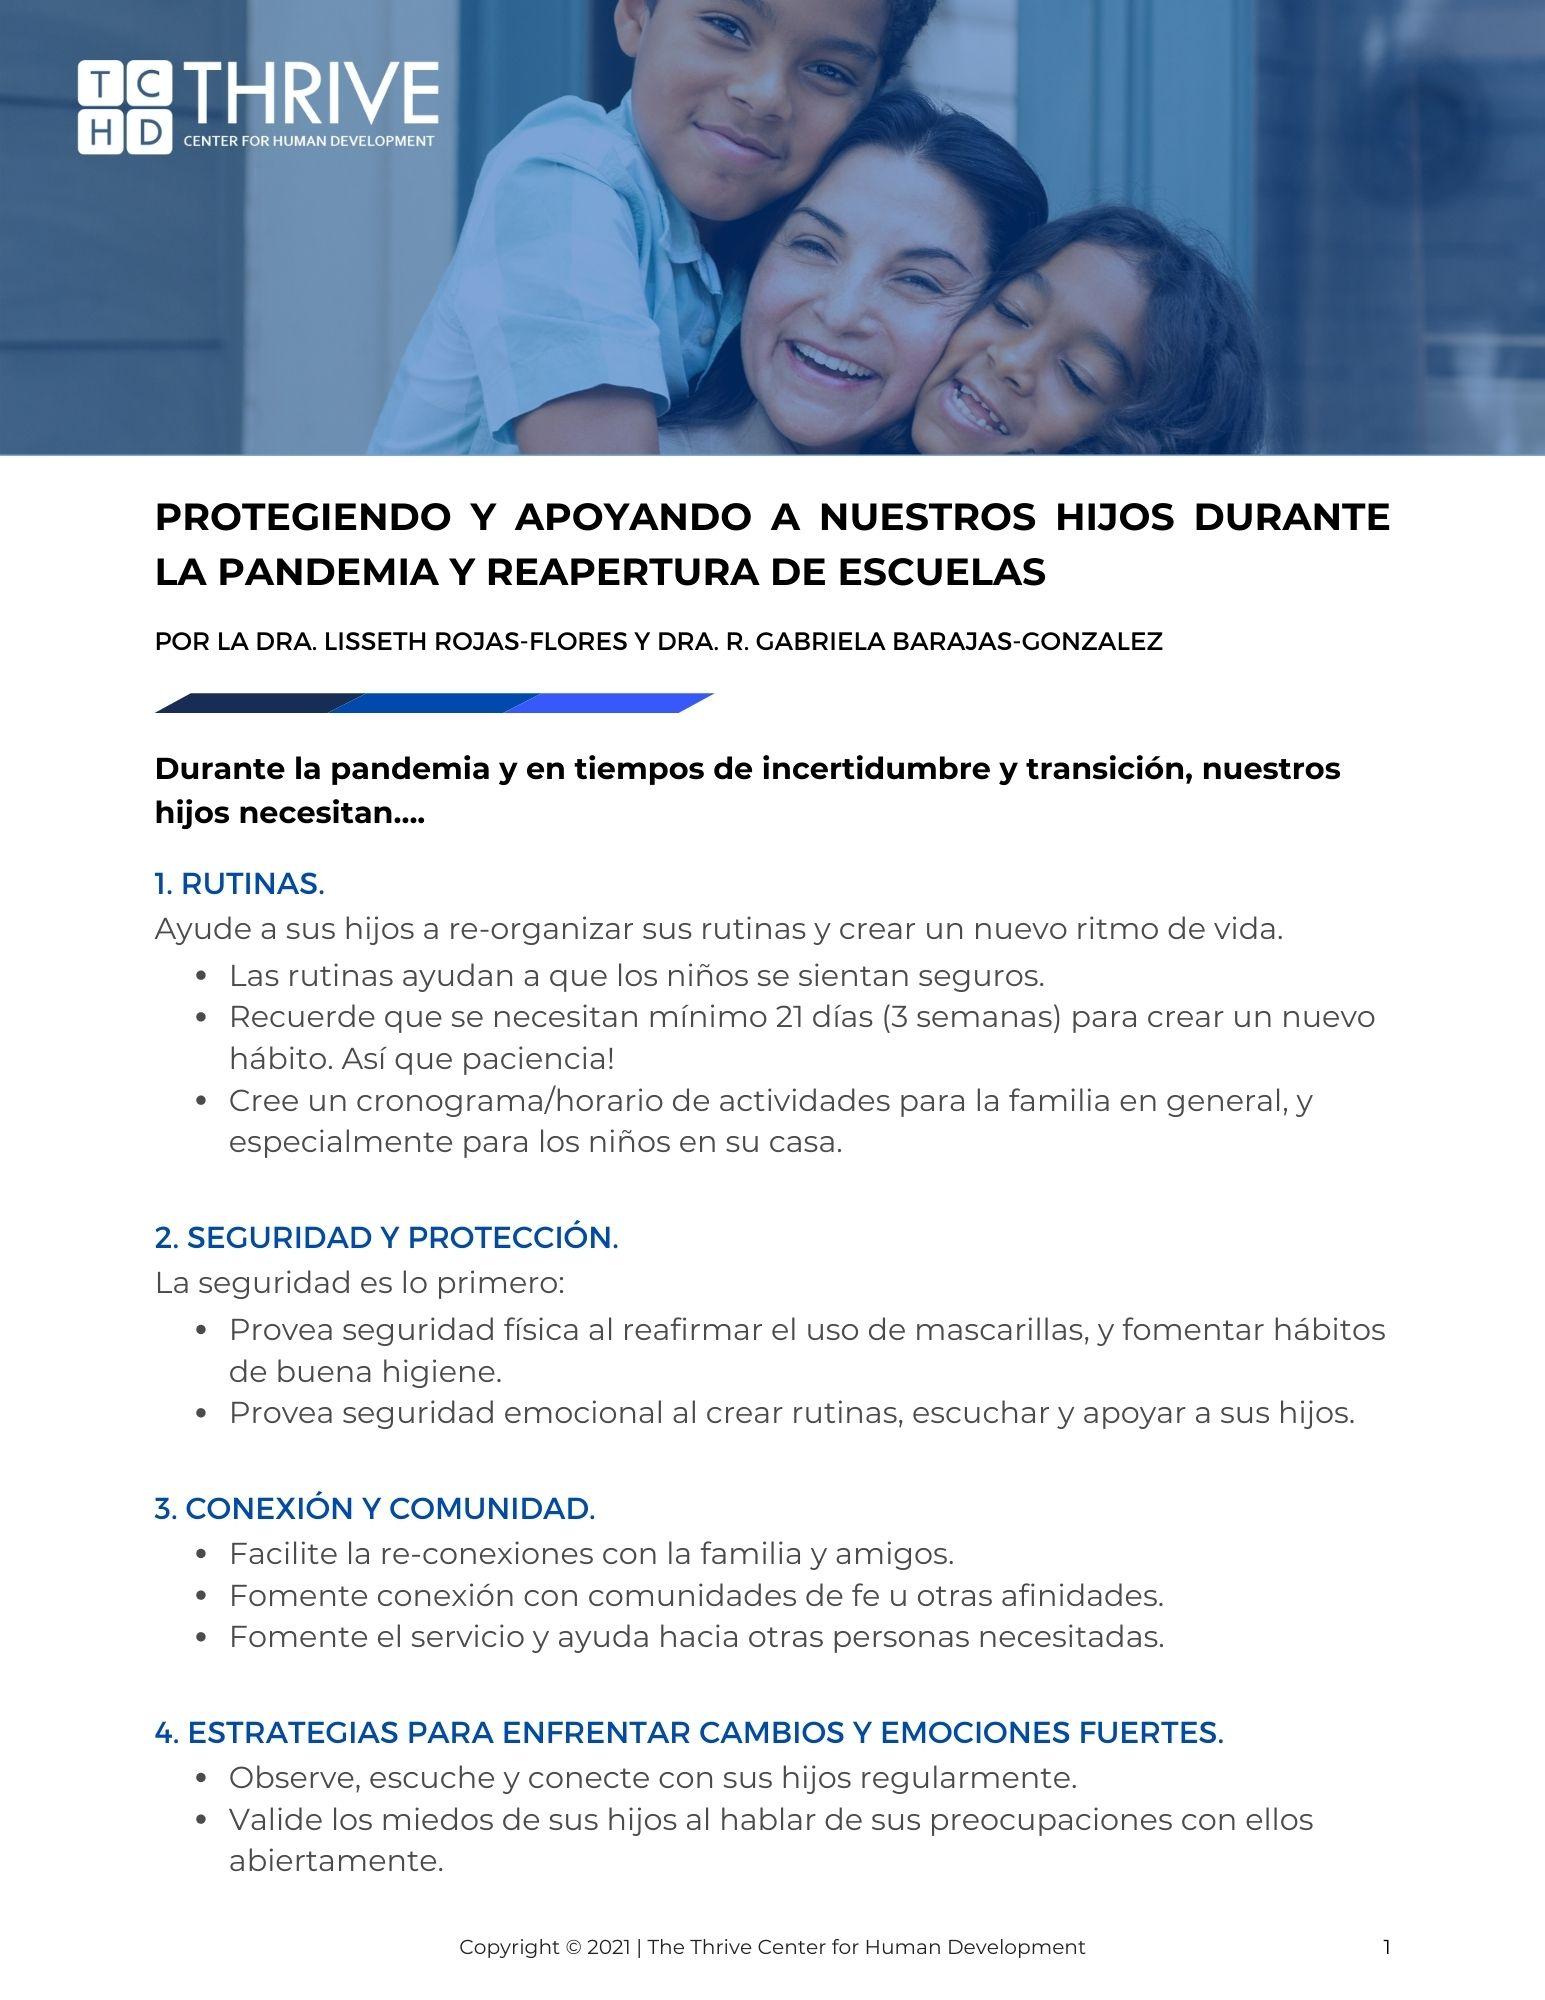 Rojas-Flores & Barajas-Gonzalez (2021) Protegiendo y Apoyando a Nuestros Hijos durante la Pandemia